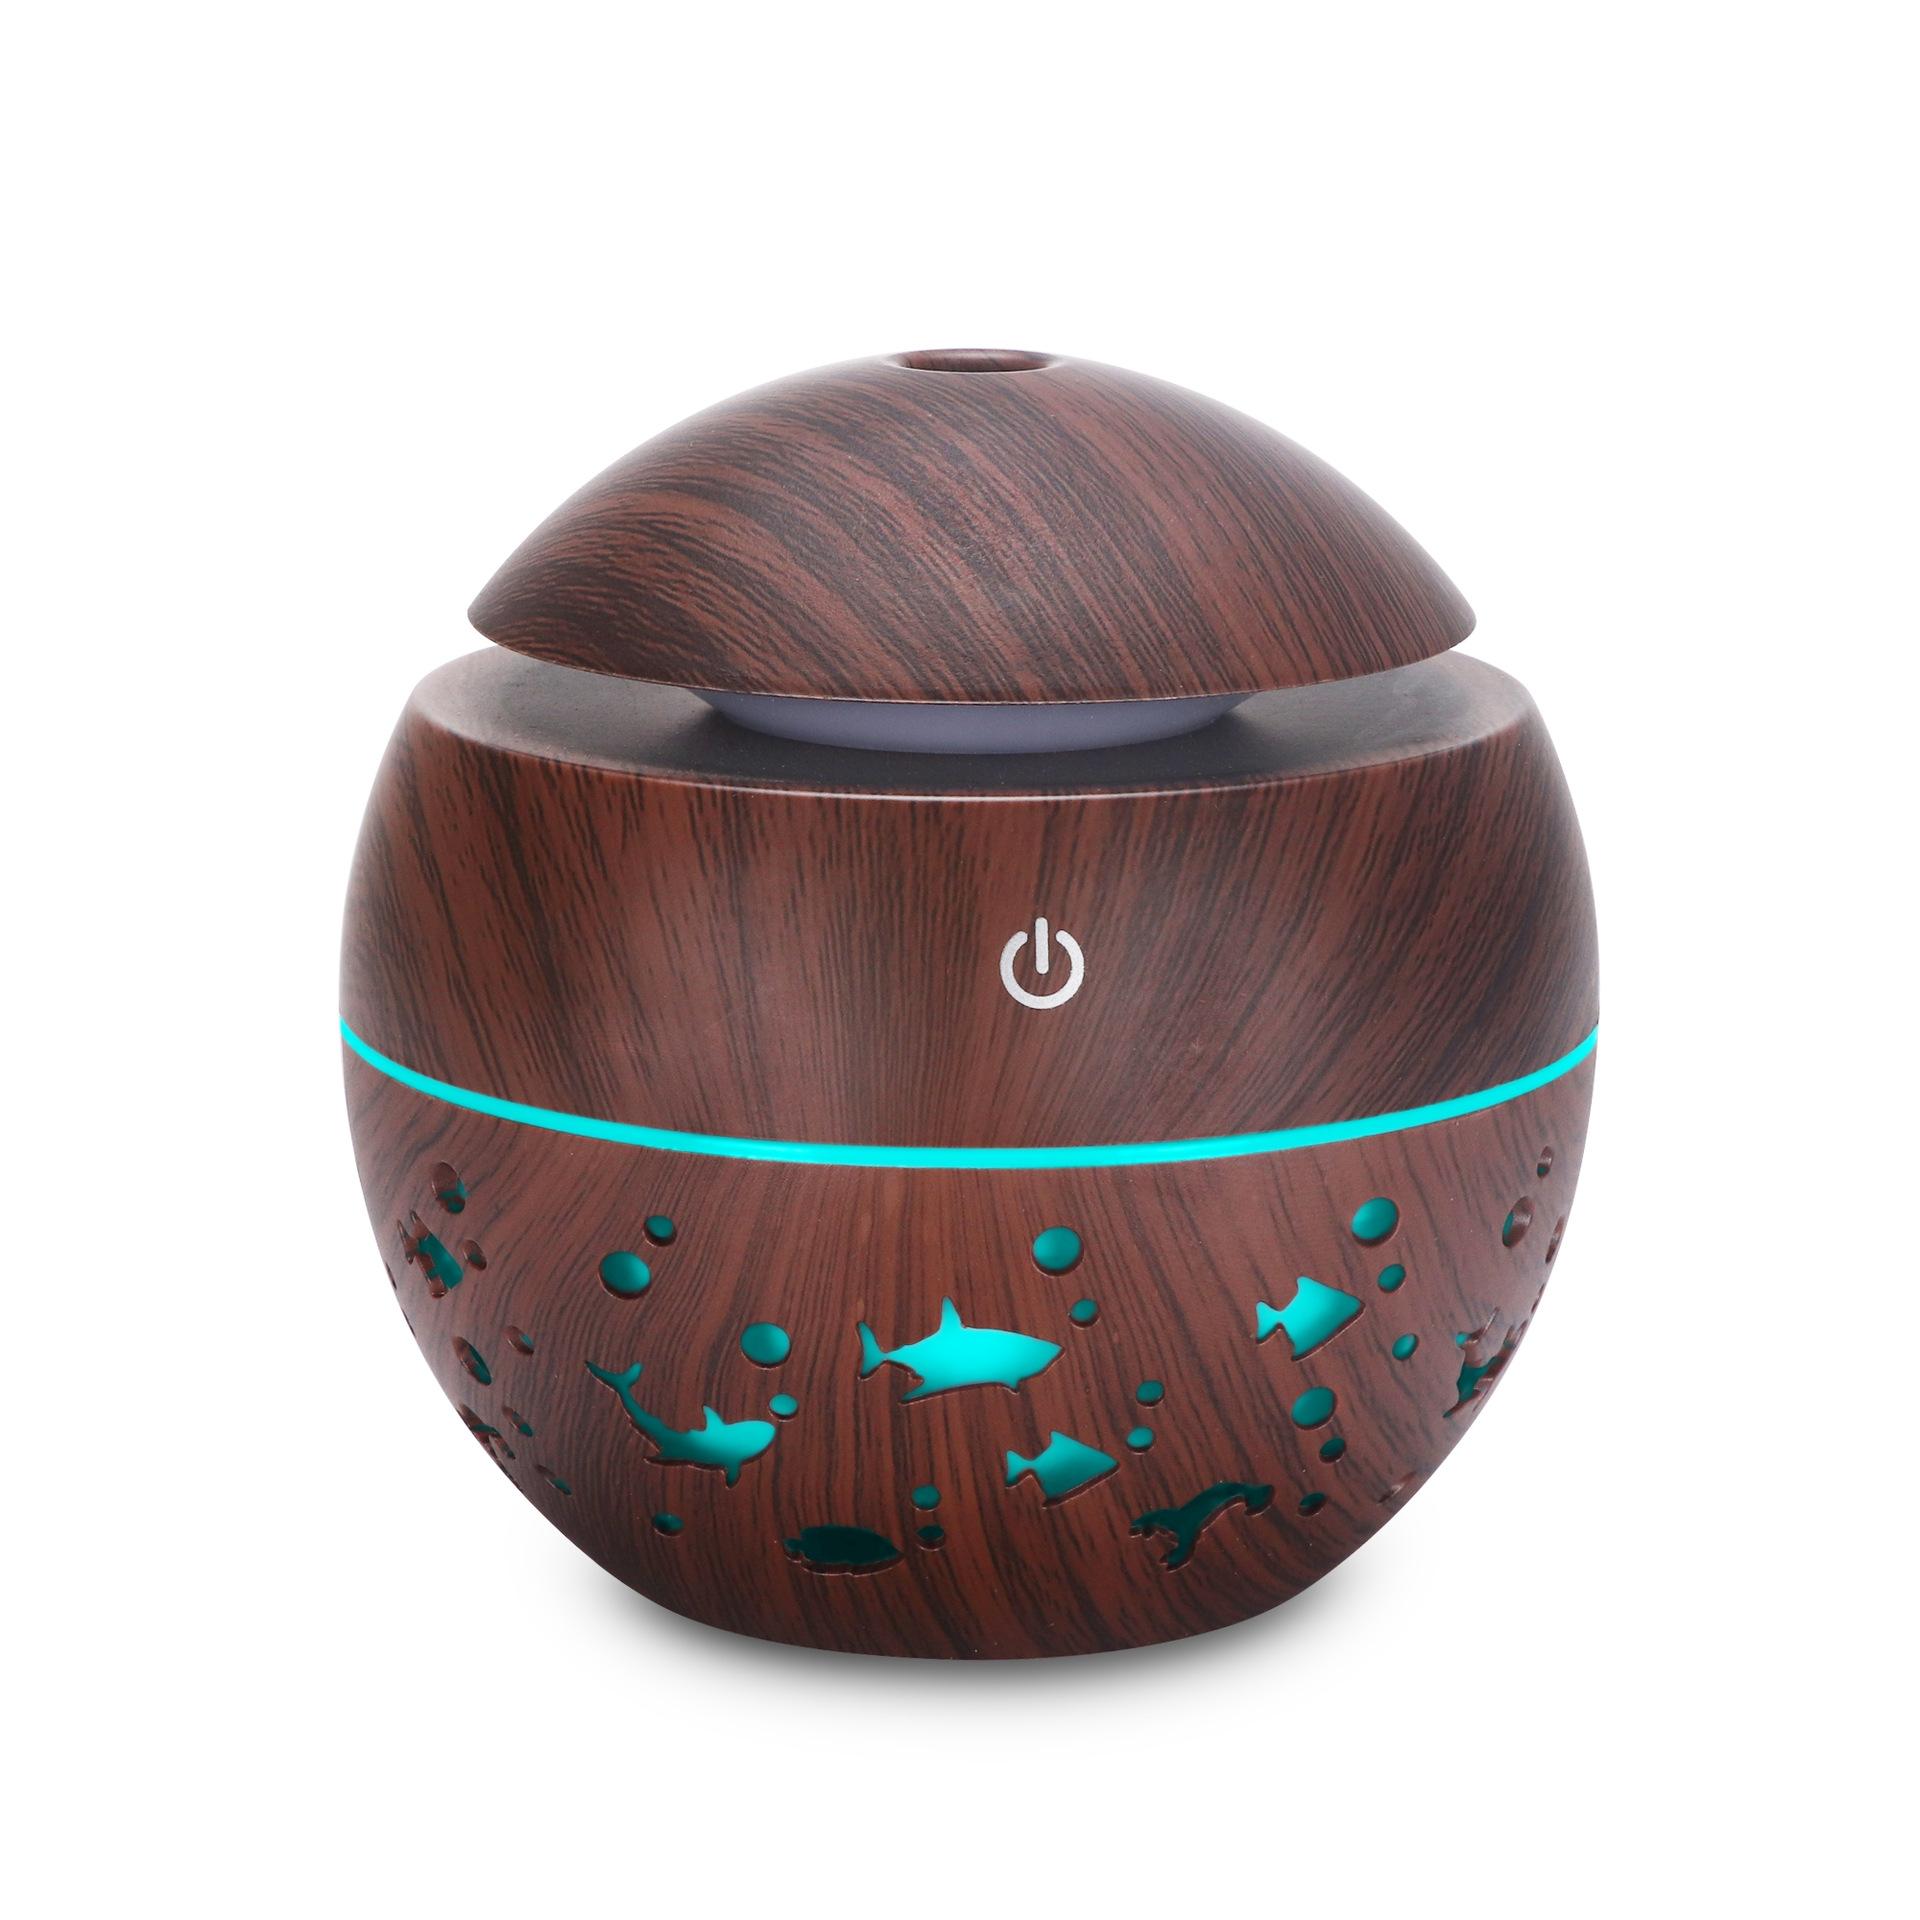 木纹镂空圆球加湿器七彩透光动物香薰机迷你蘑菇130ML 礼品加湿器 深木纹